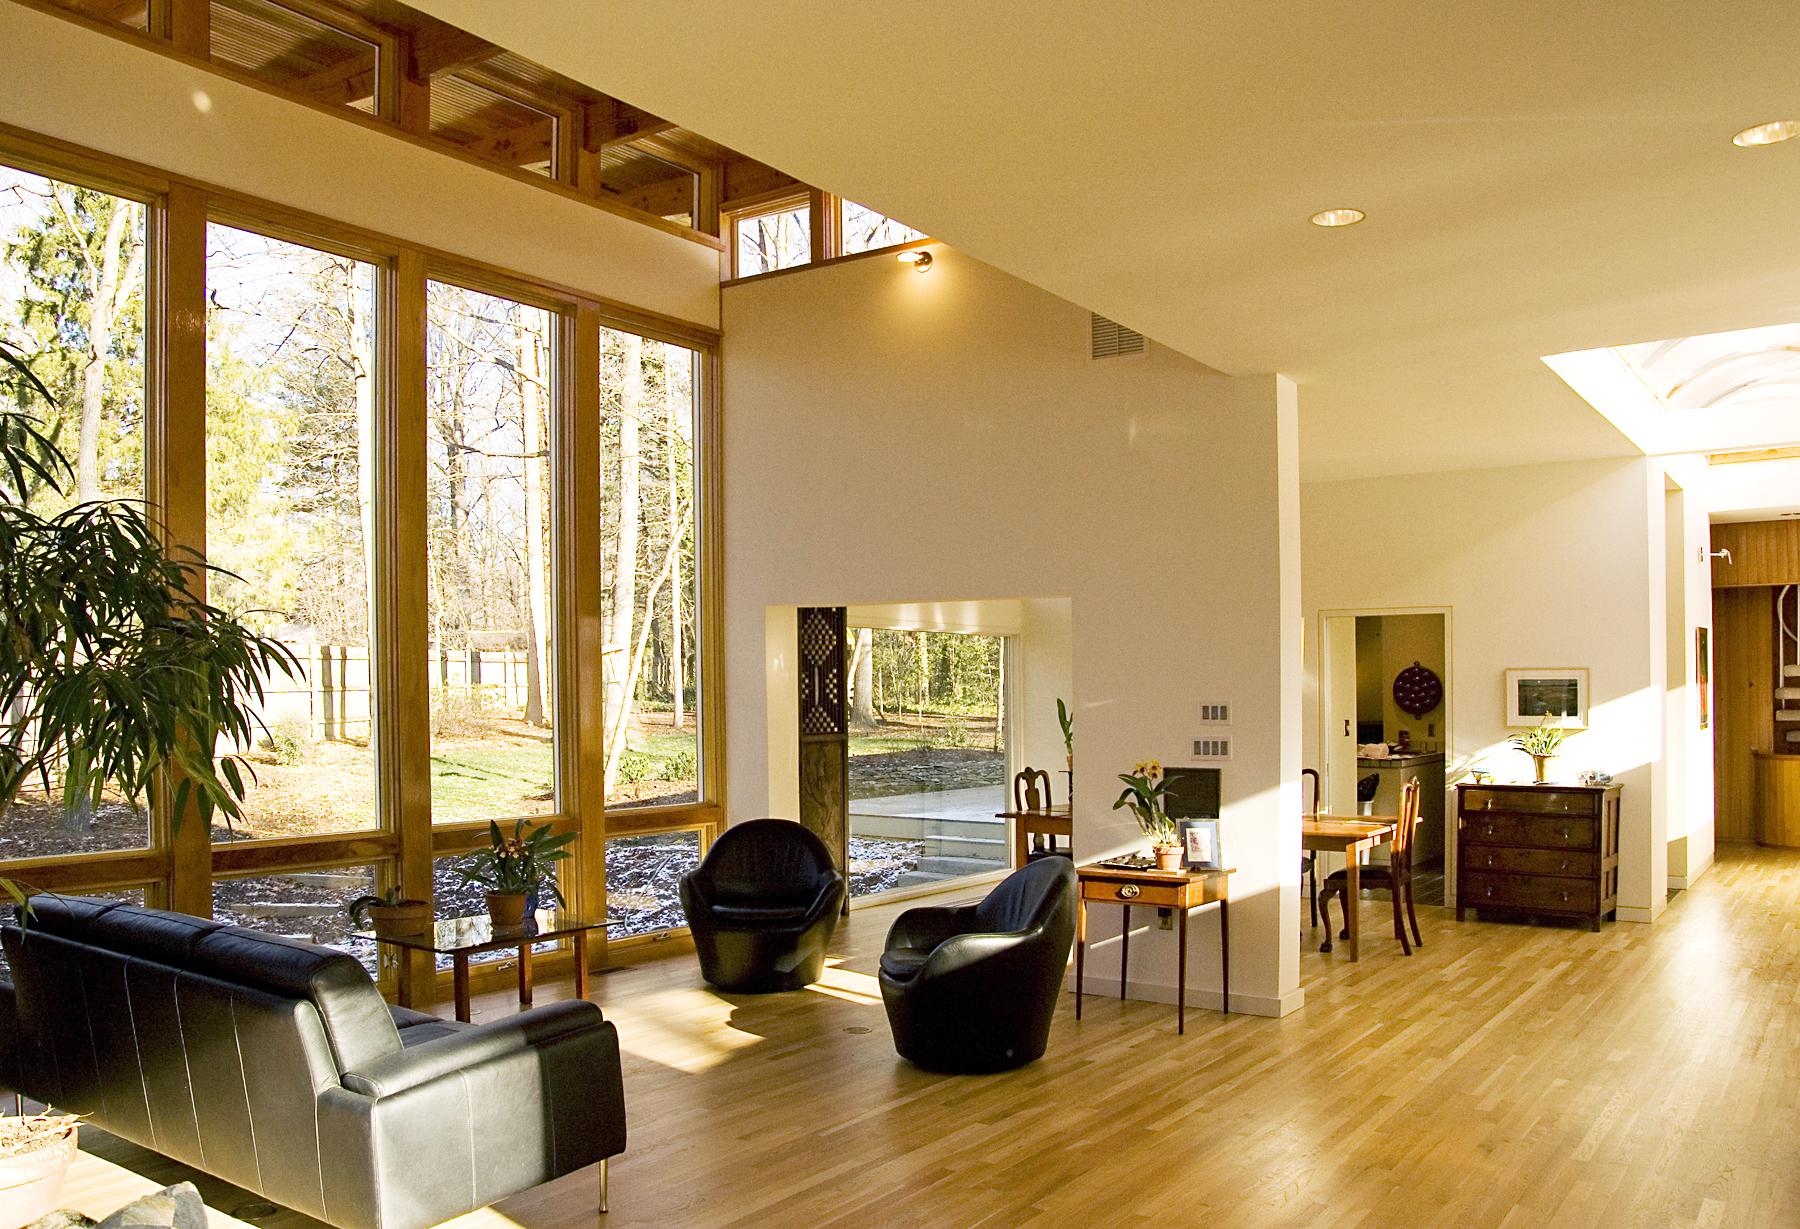 Newquay_living room _dining room 02.jpg